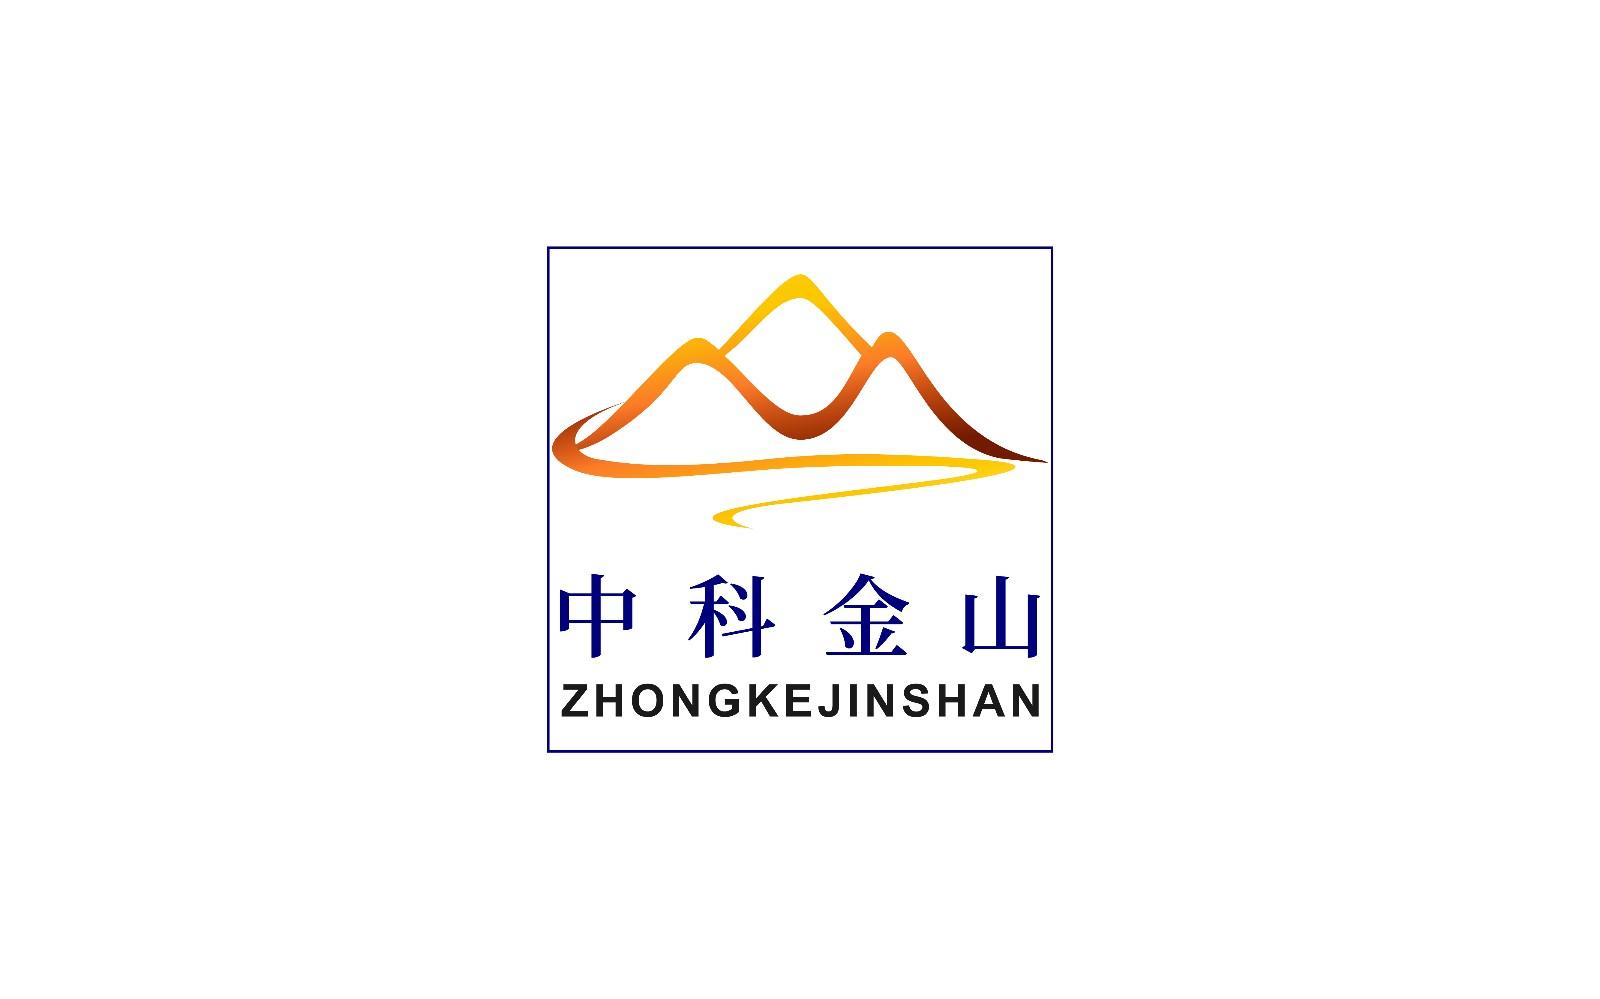 环保logo-logo设计,设计服务-水源网房地产设计对标图片